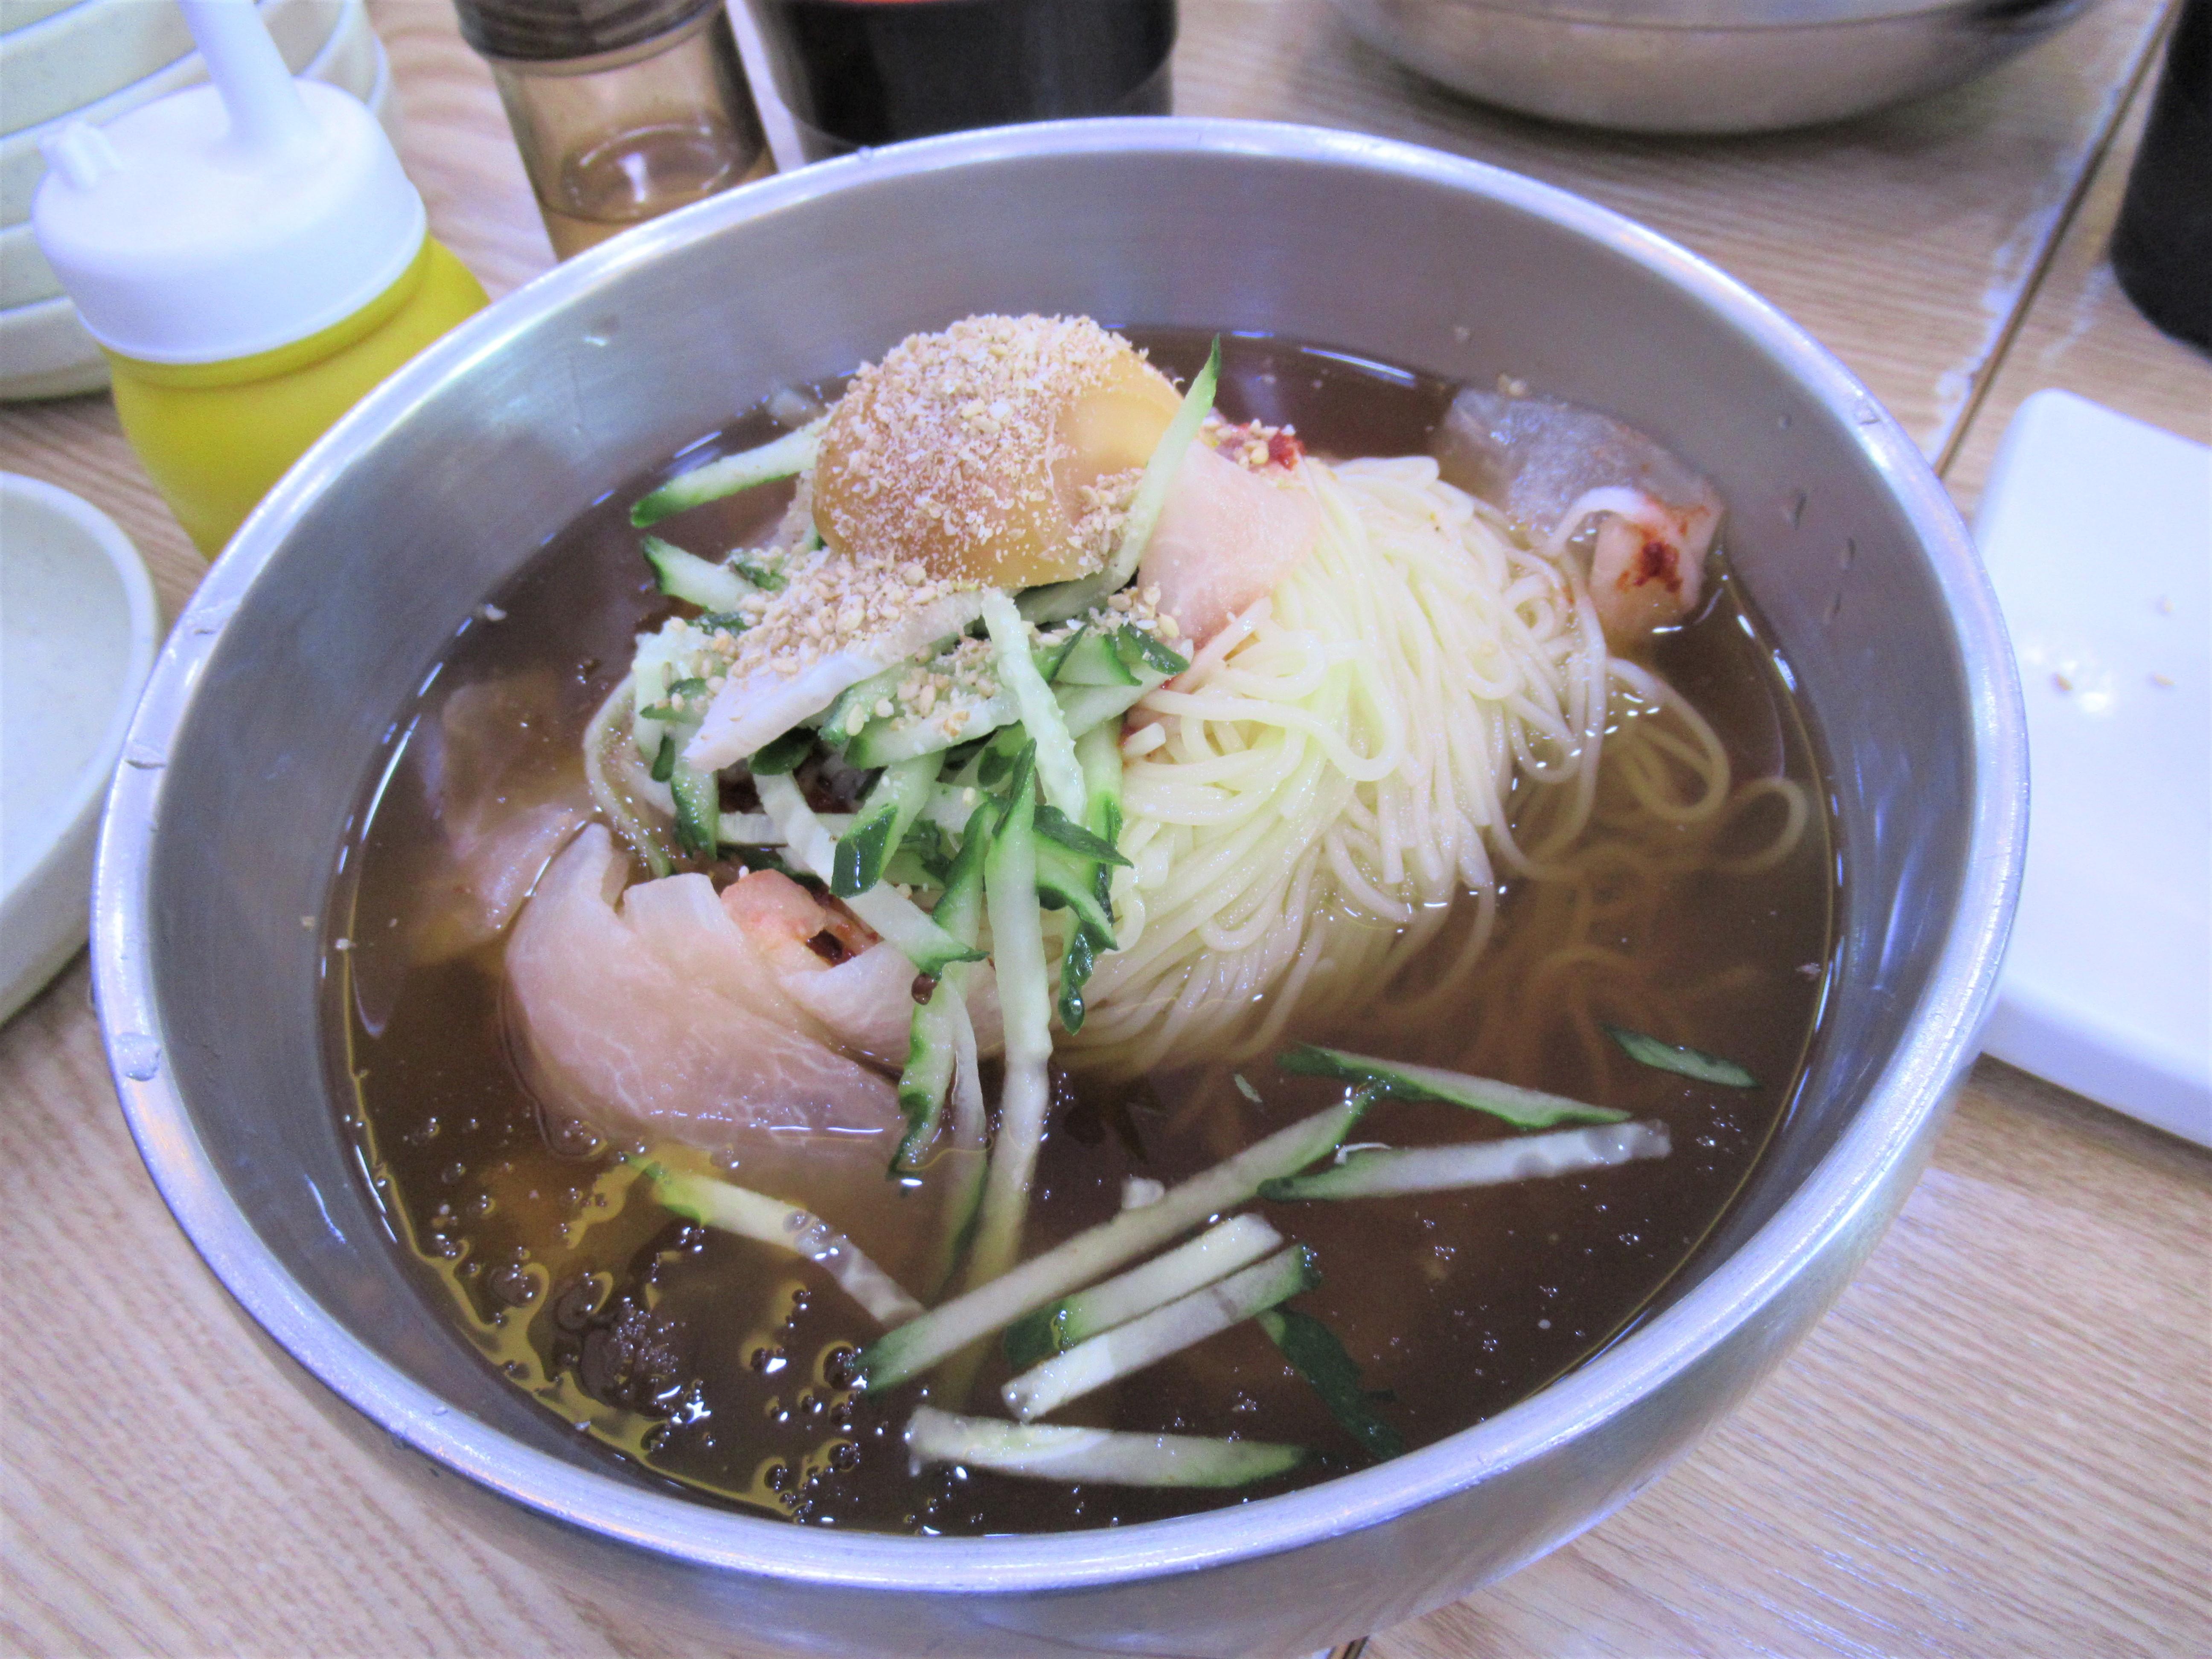 西面駅で昼食・朝食は「マチョウン ククス」が手軽でオススメ!釜山ブログ旅